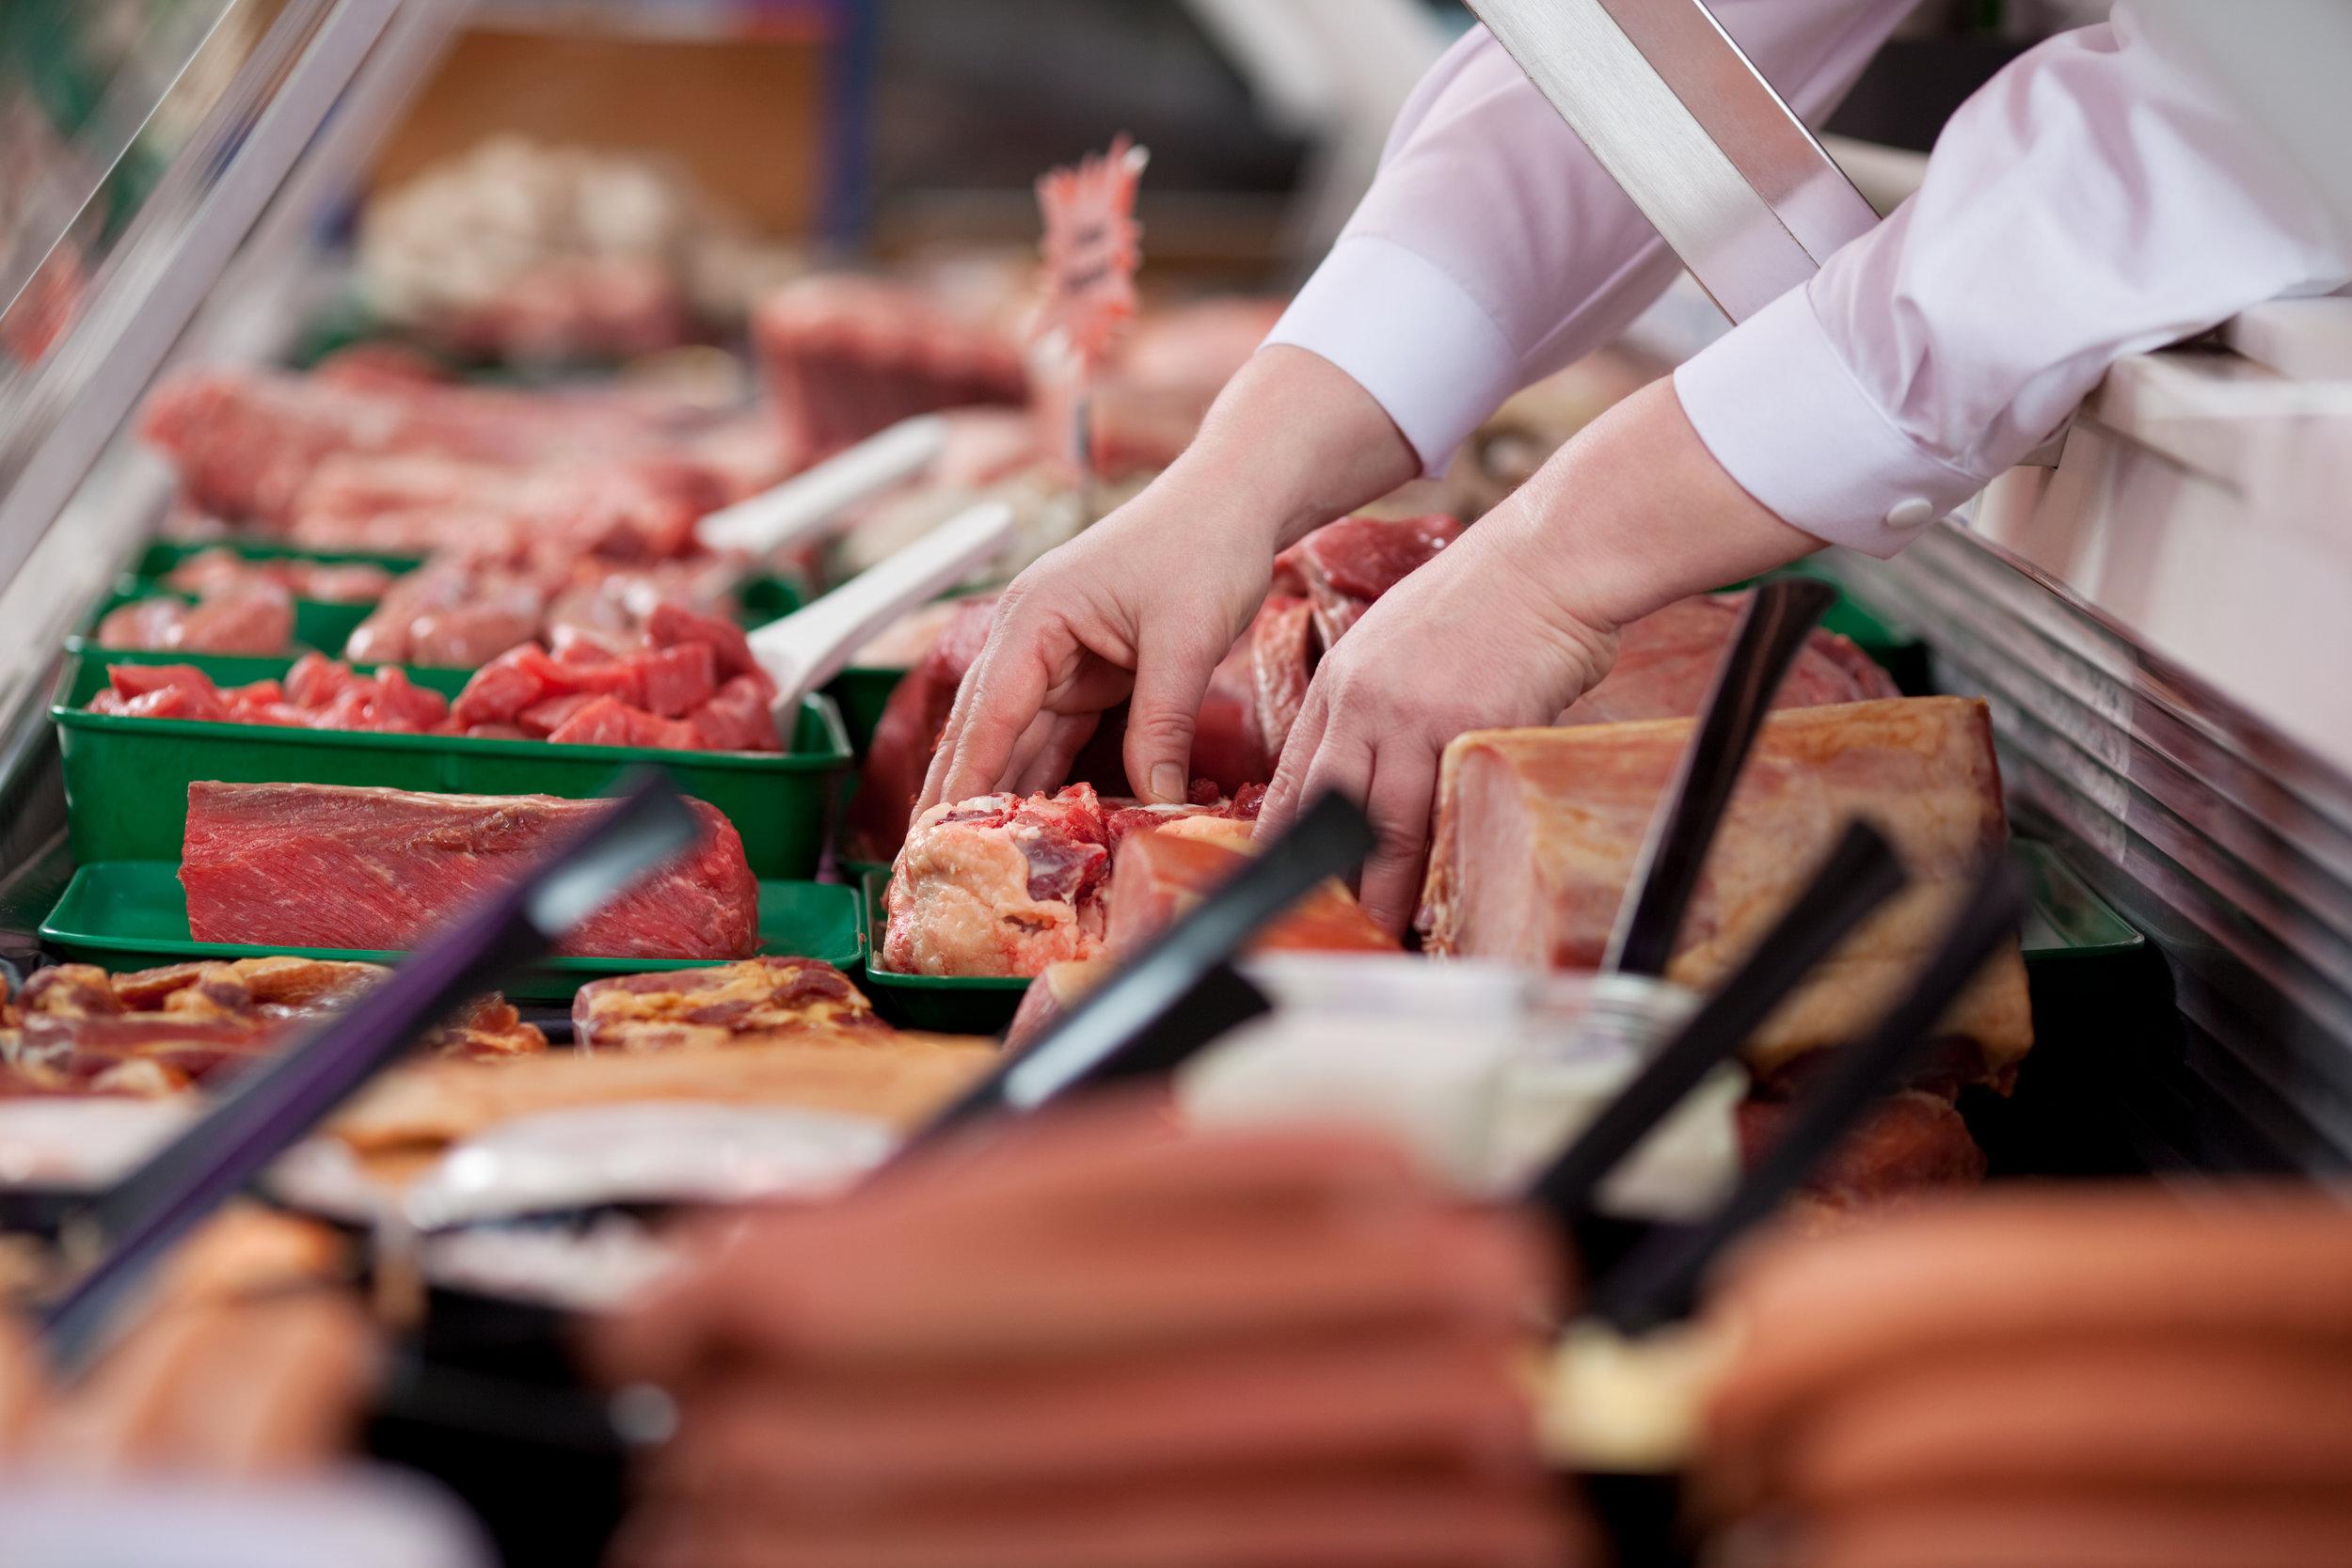 Butcher Shops